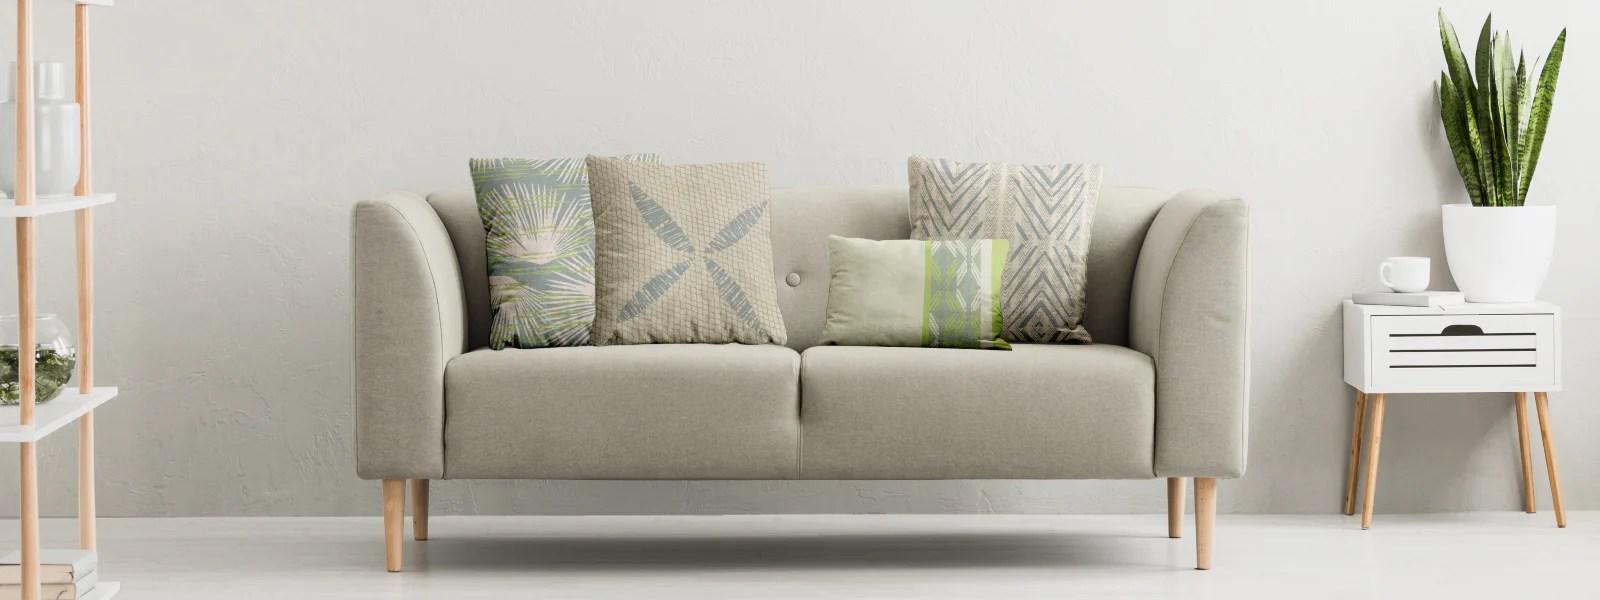 coastal pillow collection